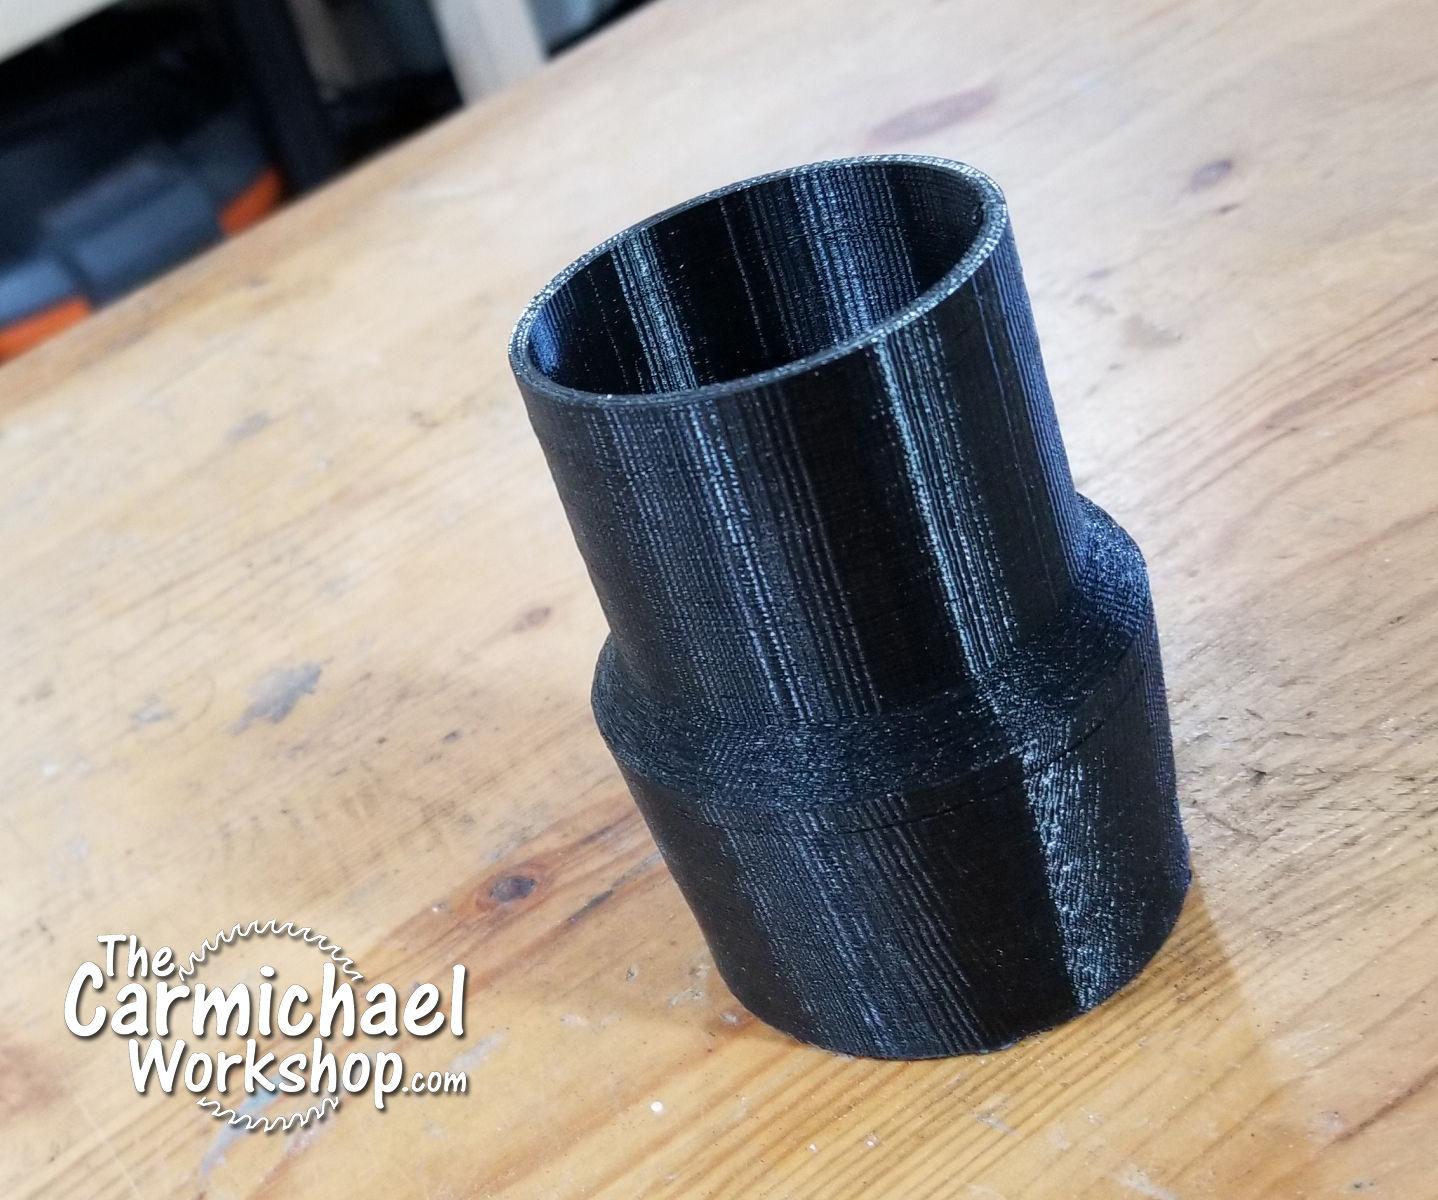 3D Print a Shop Vac Hose Adapter